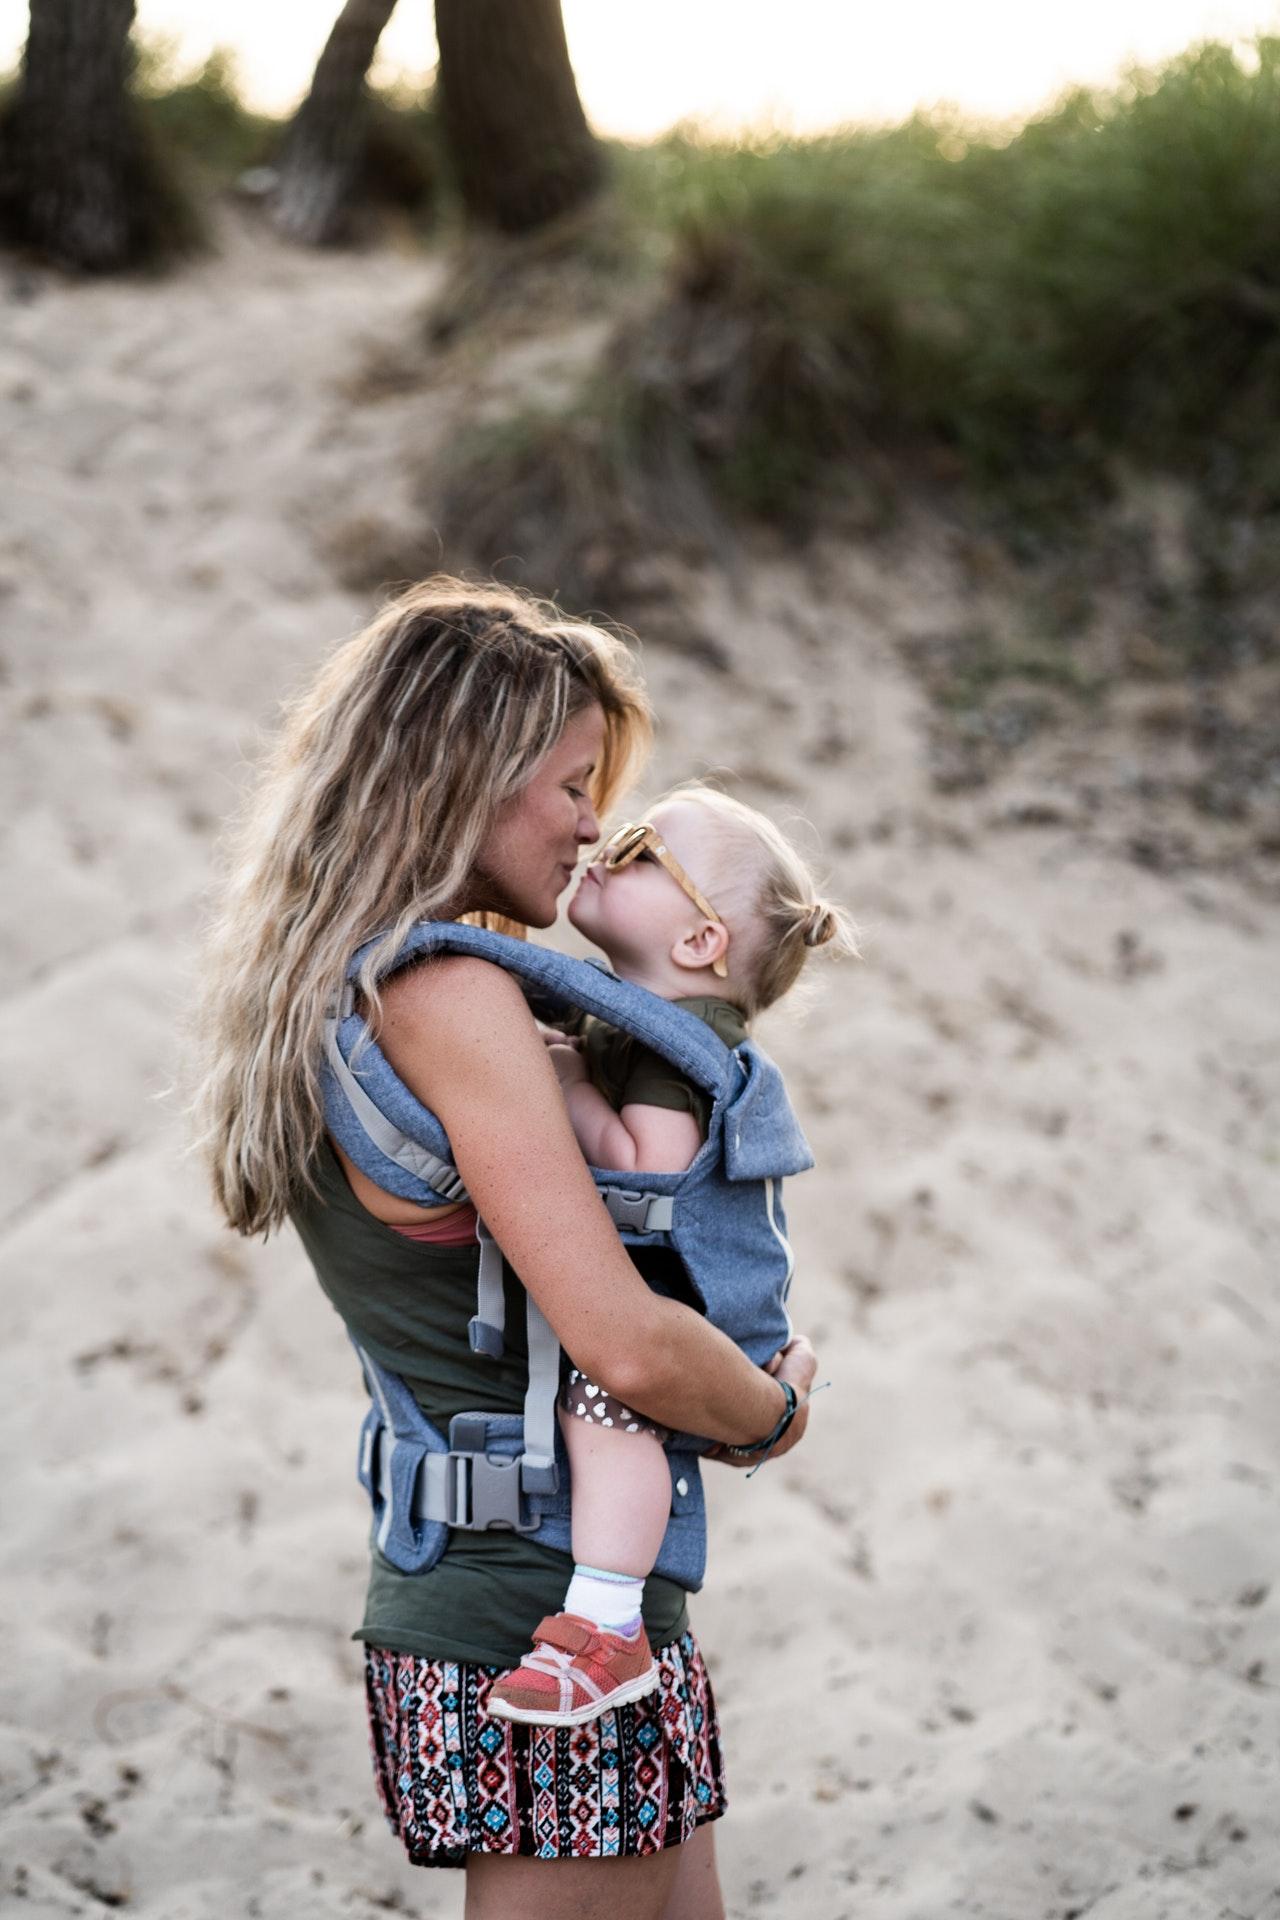 Babytragen / Babytragetücher gibt es in vielen Ausführung. Einige Modelle ähneln eher einem Tuch, andere wiederrum mehr einer festeren Trage.